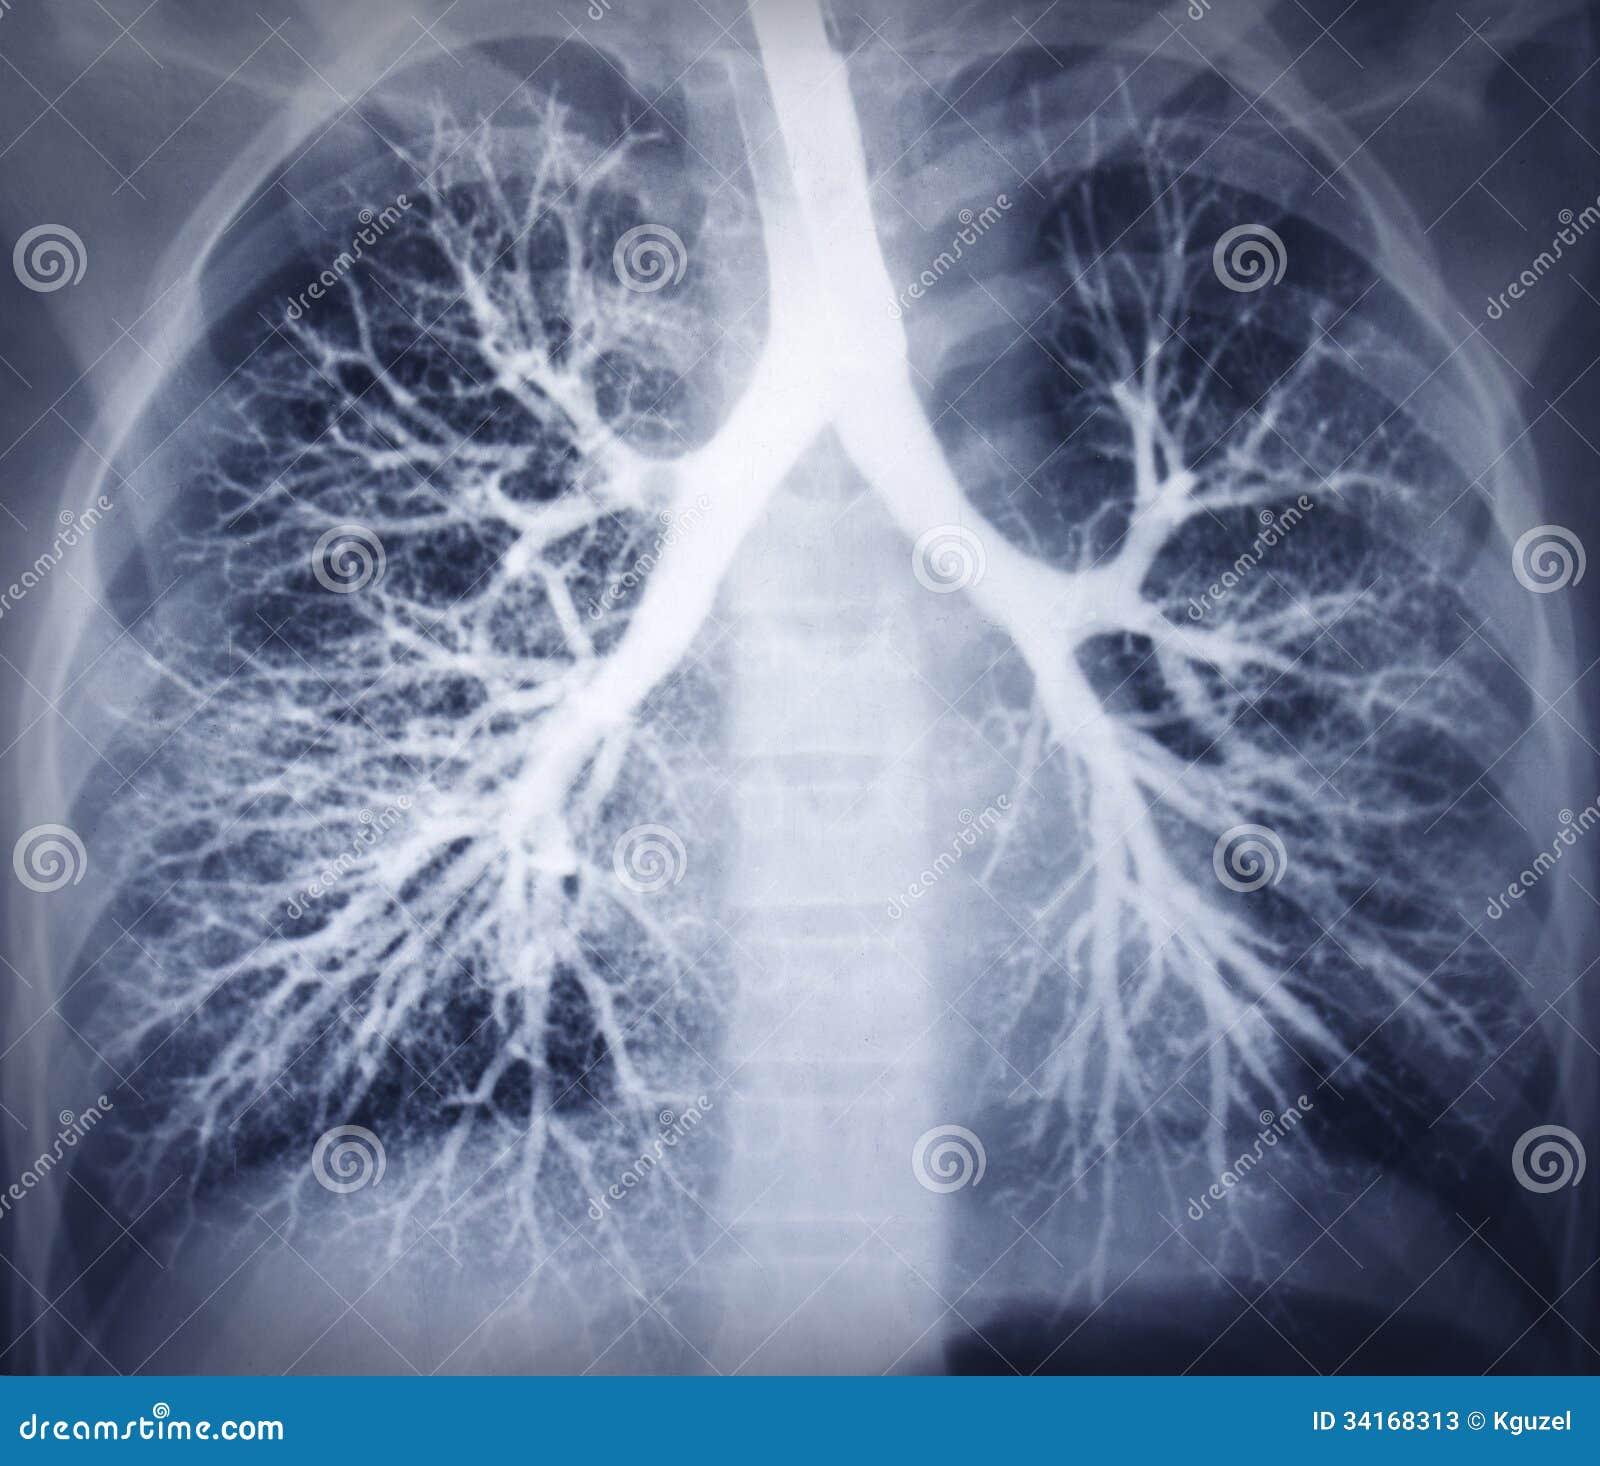 Изображение Bronchoscopy. Рентген грудной клетки. Здоровые легкие